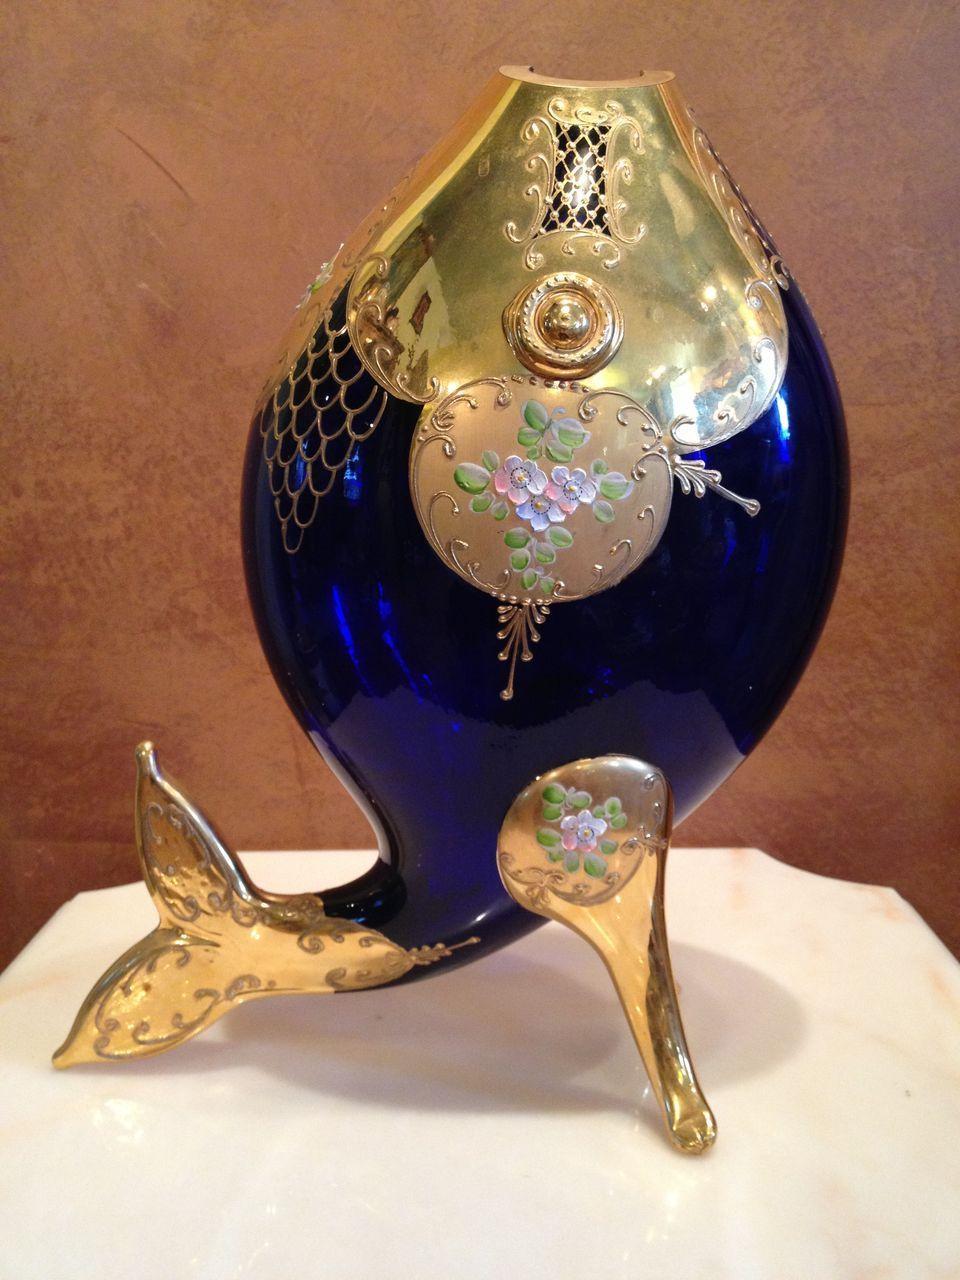 Stunning Hand-made Bohemian Cobalt Blue & Gold Art Glass Vase.